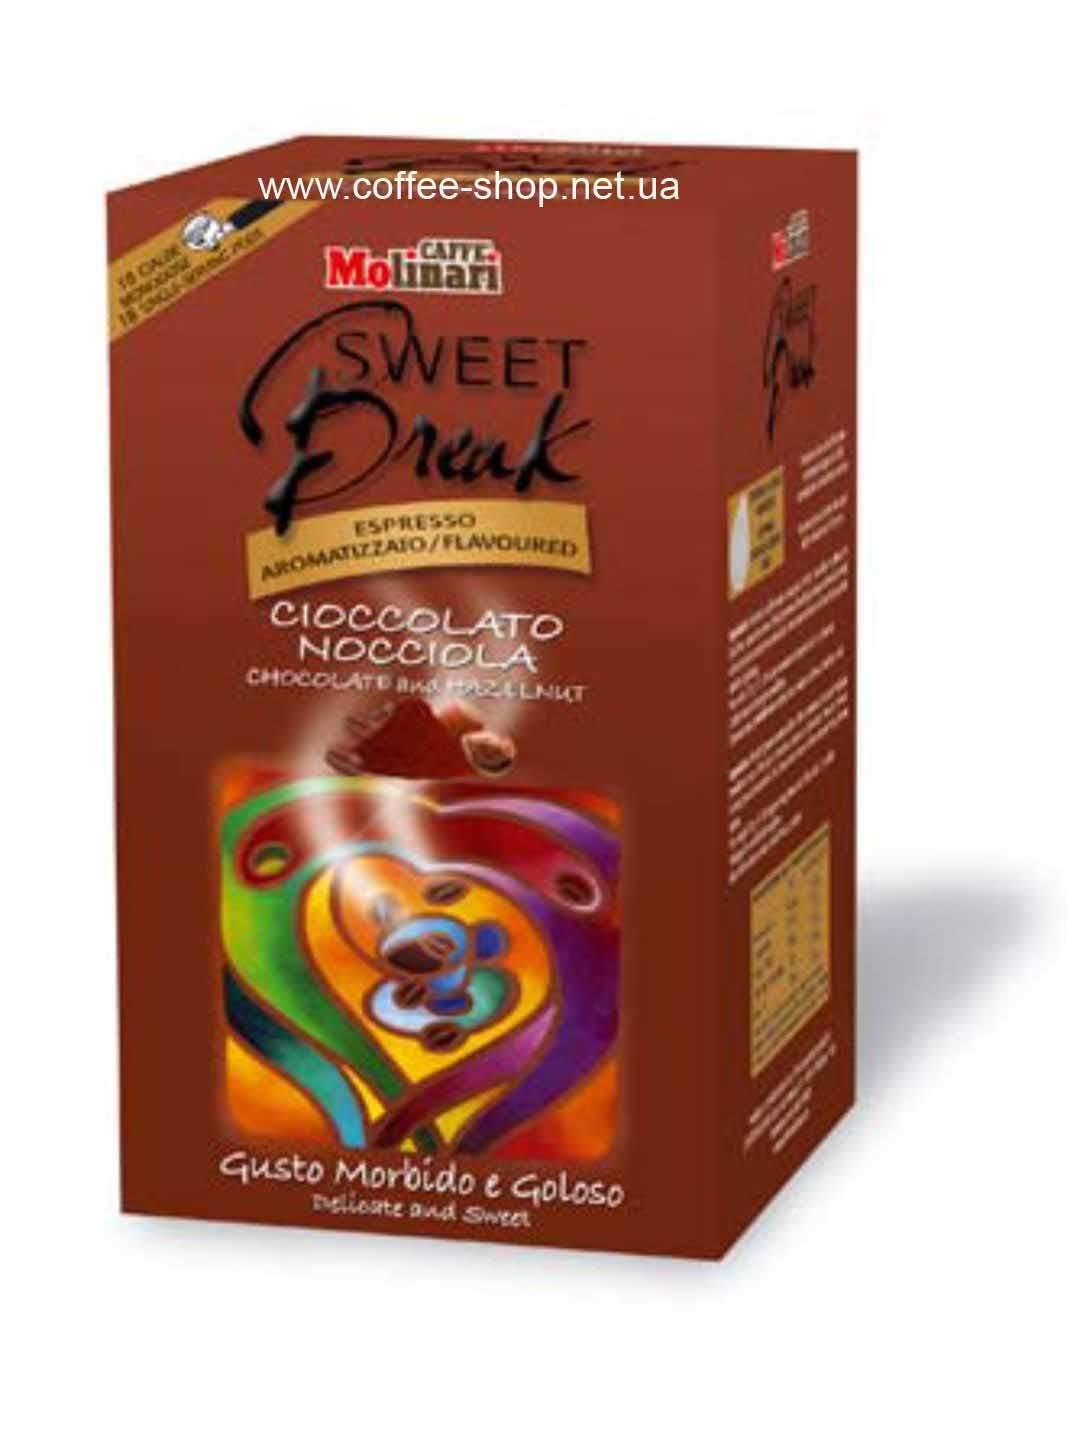 9118 | Кофе в чалдах Molinari SWEET BREAK (шоколад и лесной орех) 18 шт.